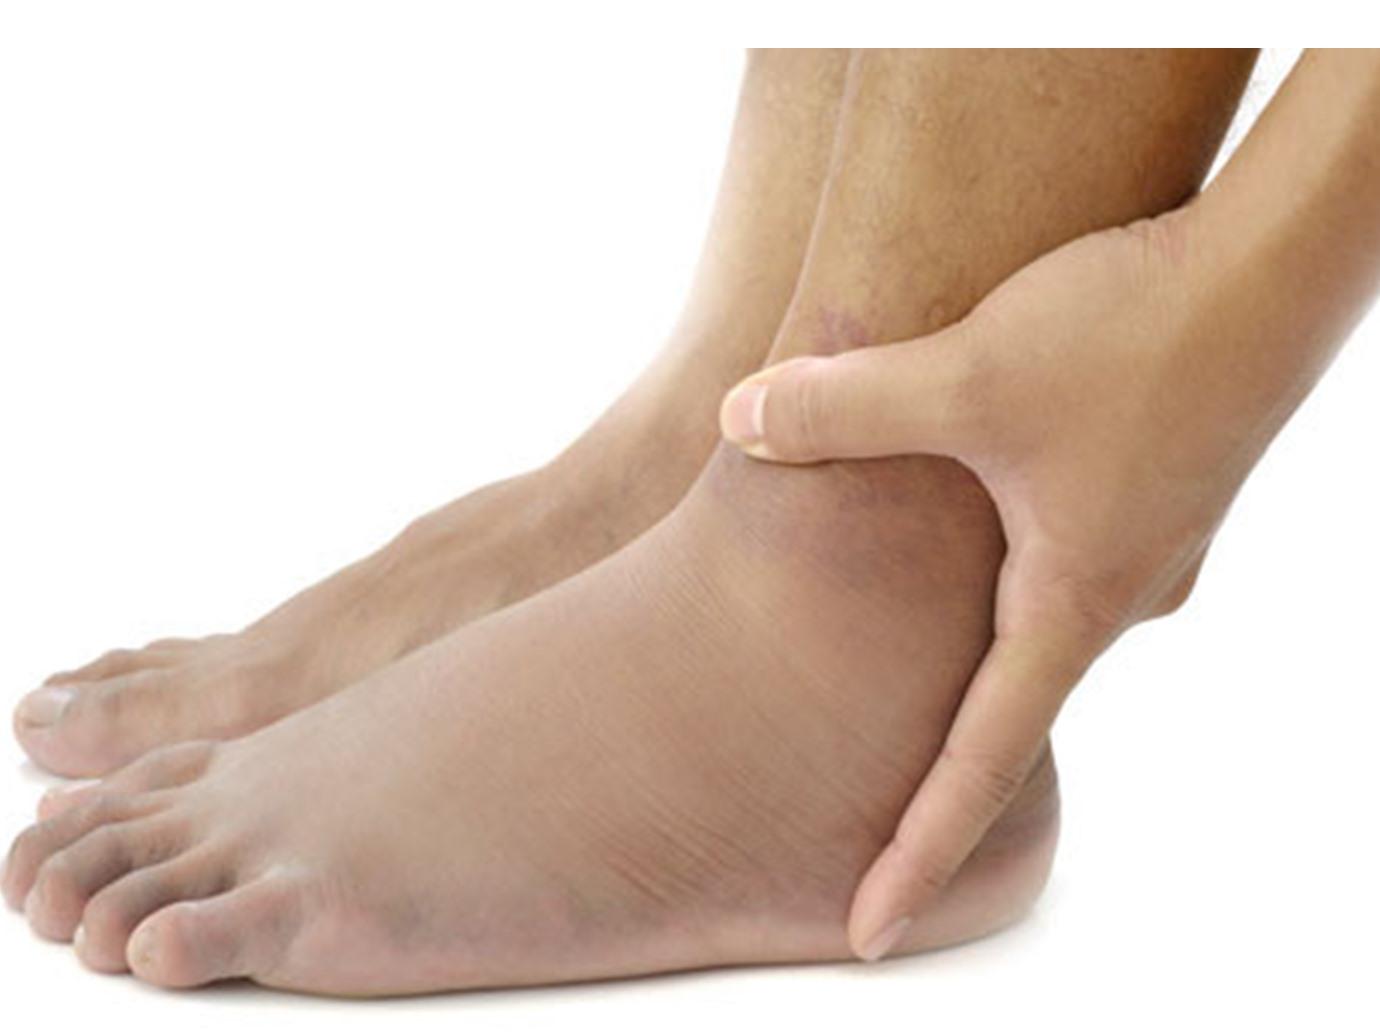 6 أعراض تشير إلى جلطة القدم